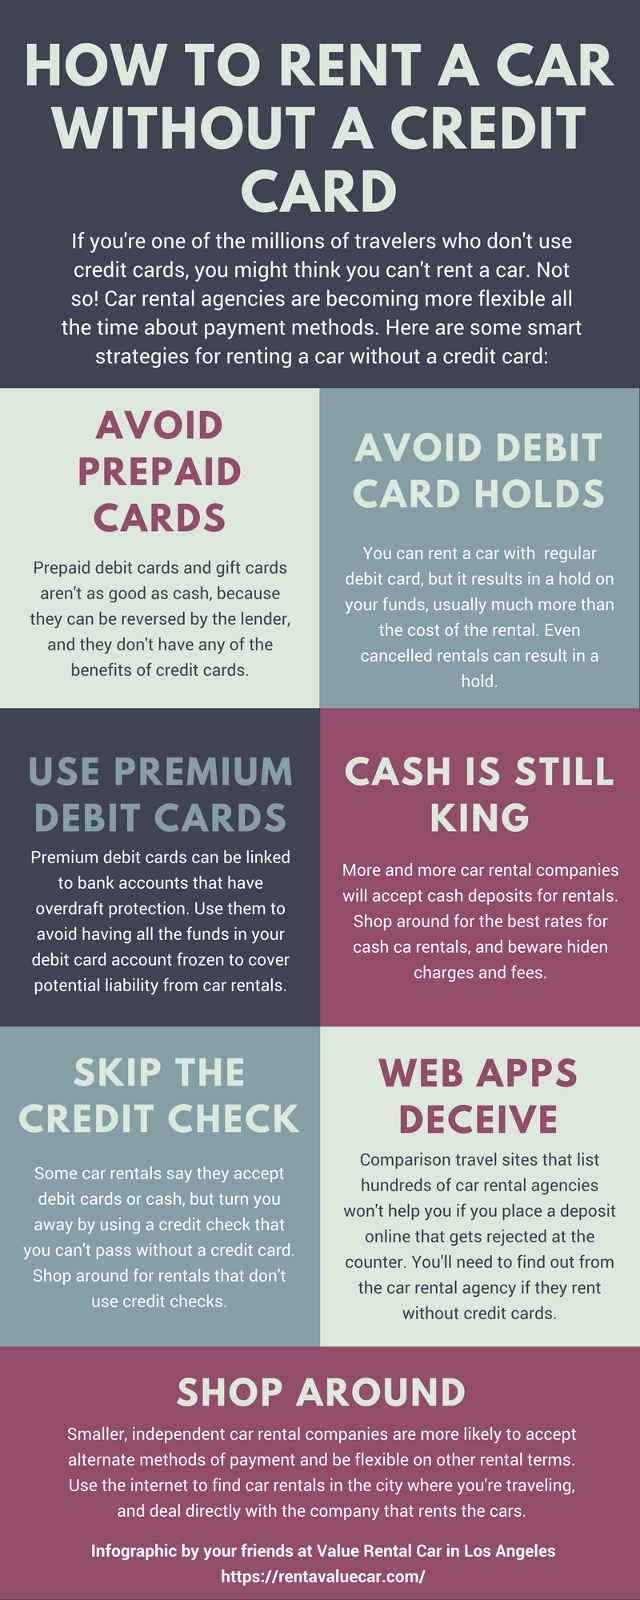 Rent-Car-Without-Credit-Card-rentavaluecar.com